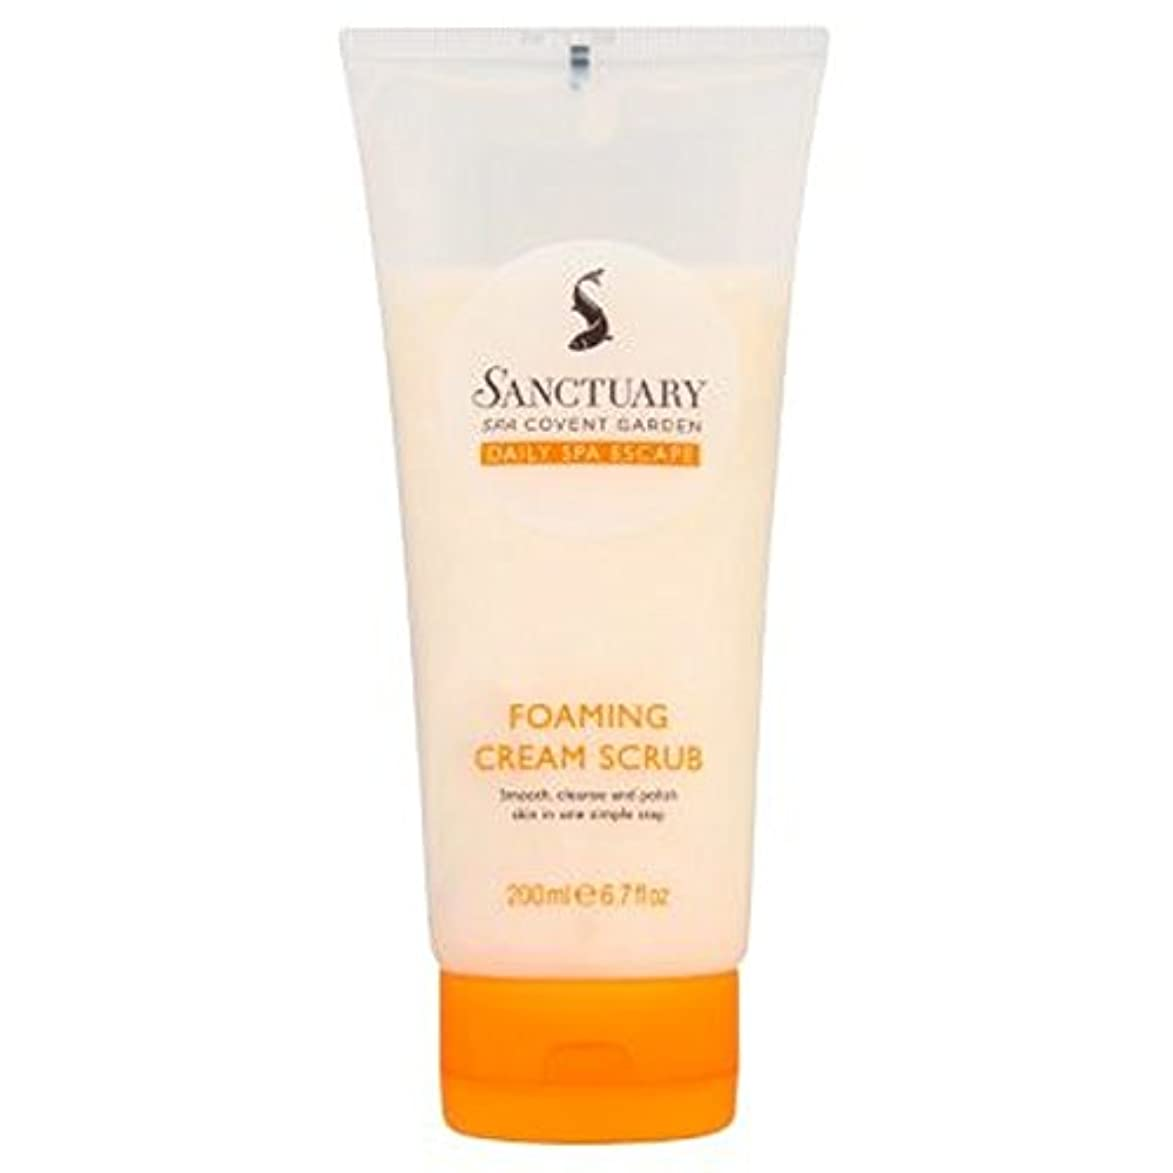 ヘリコプタービバ刈る聖域発泡クリームスクラブ (Sanctuary) (x2) - Sanctuary Foaming Cream Scrub (Pack of 2) [並行輸入品]